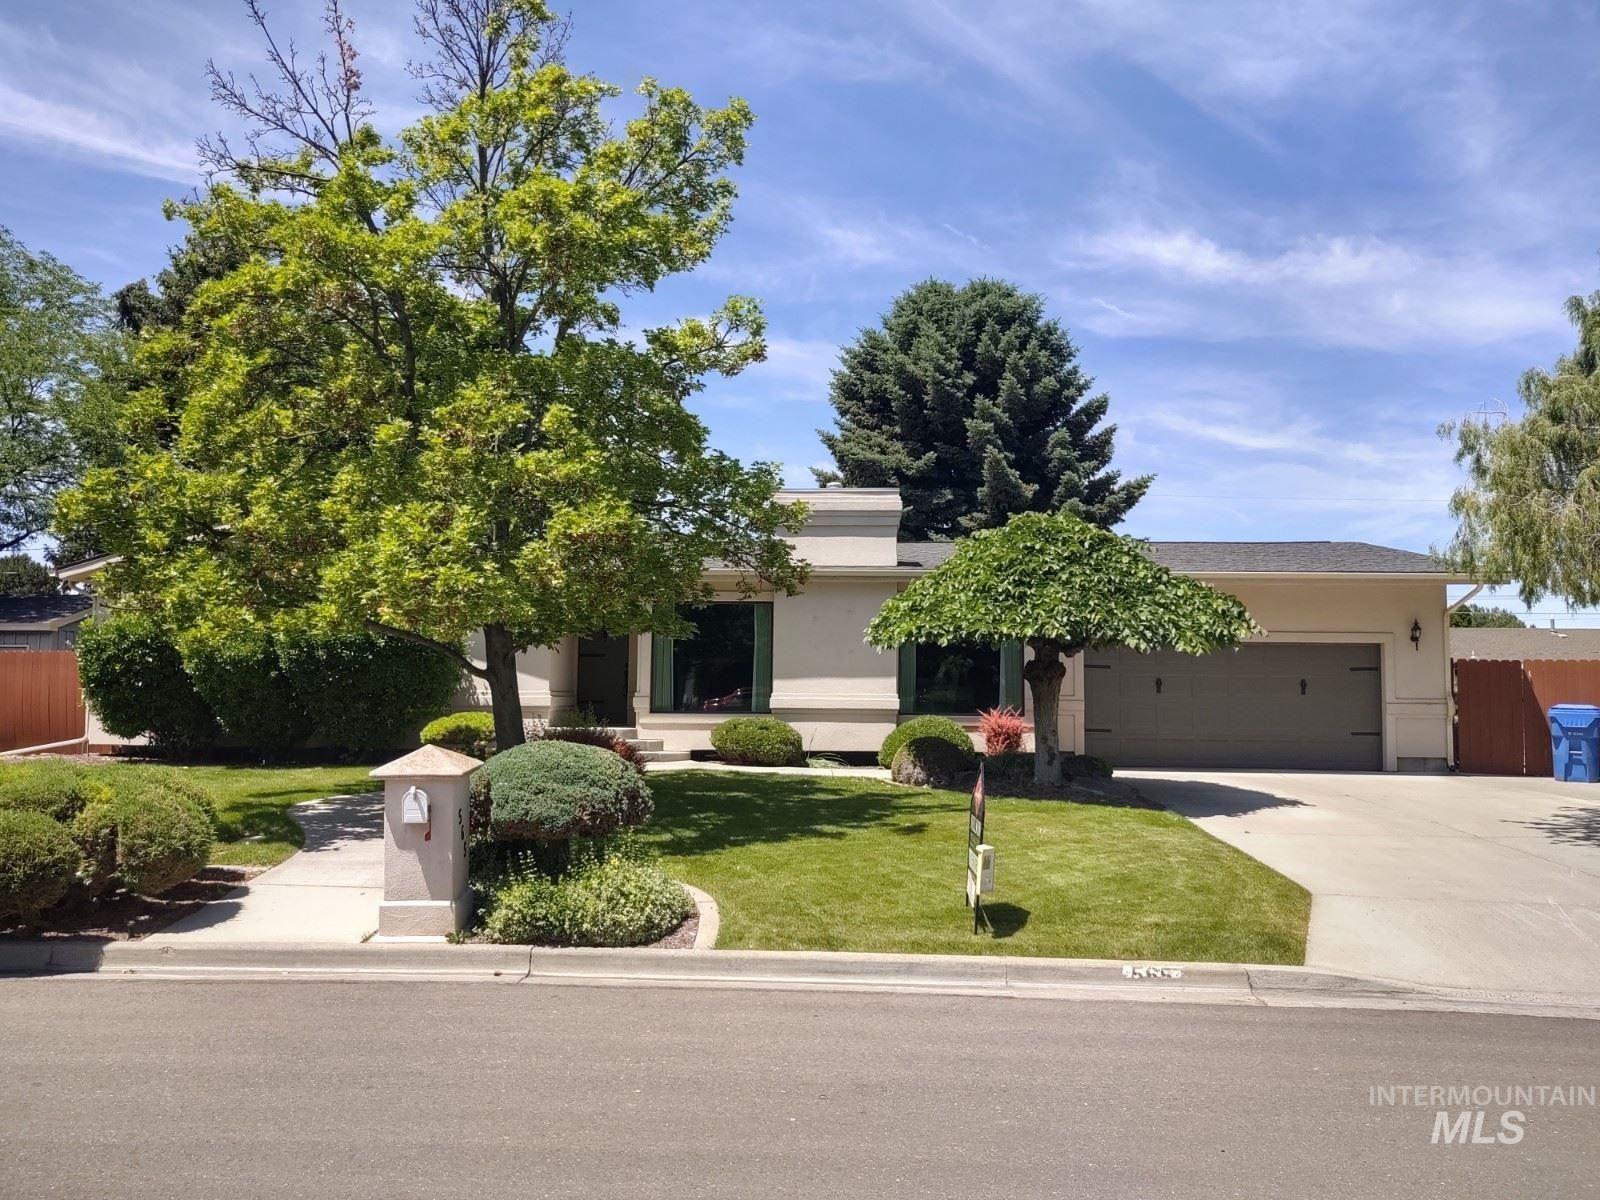 565 Butte Drive, Twin Falls, ID 83301 - MLS#: 98764550